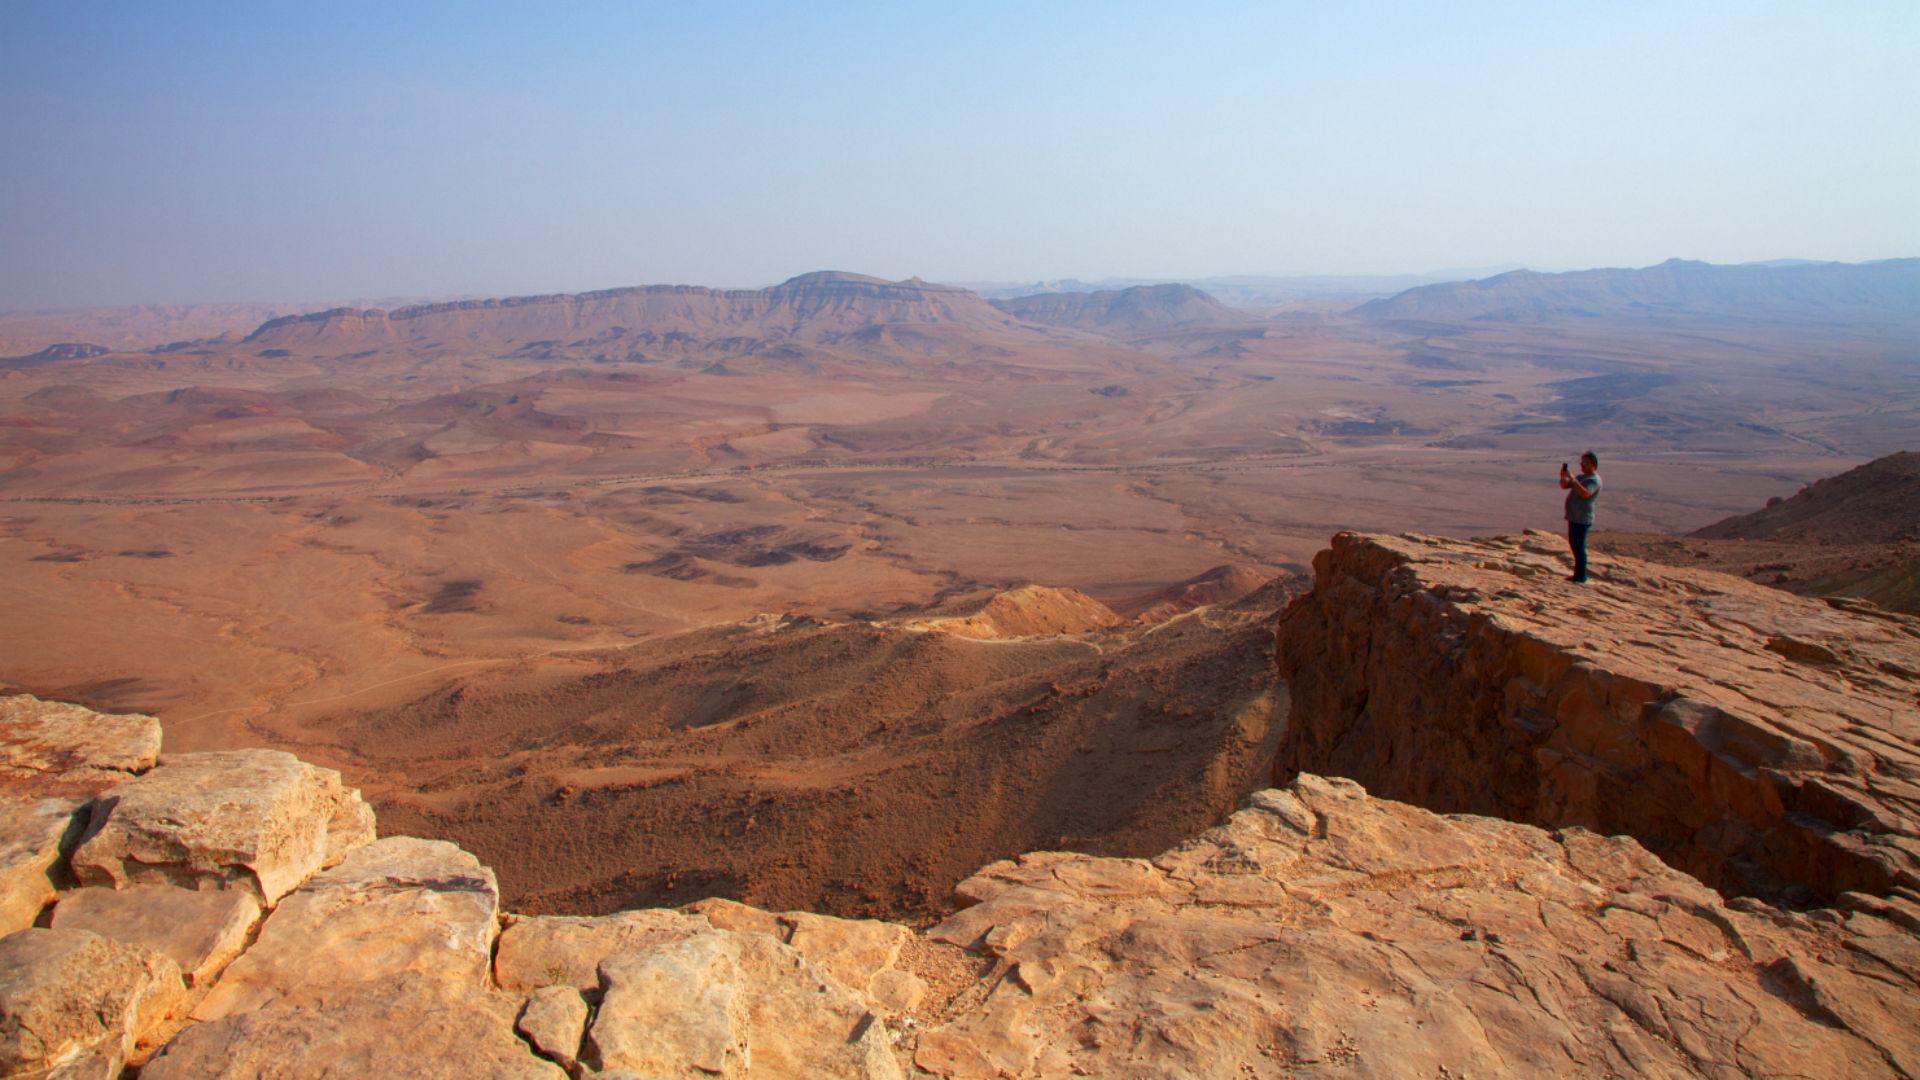 Man overlooking Negev desert crater of Mitzpe, Ramon in Israel.